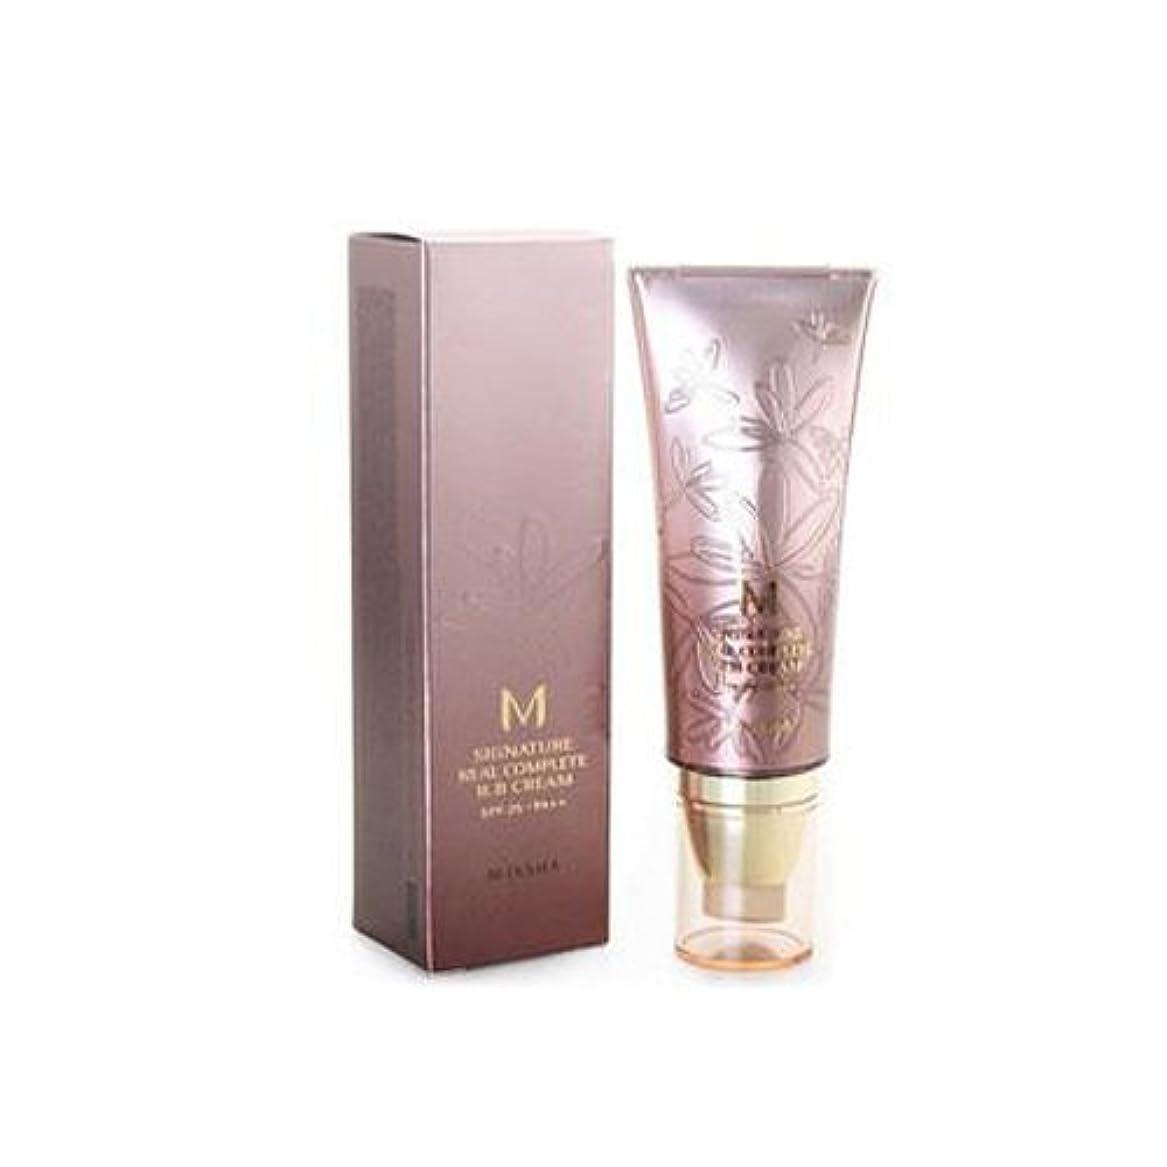 放出注文膨張するMISSHA M Signature Real Complete B.B Cream SPF 25 PA++ No. 21 Light Pink Beige (並行輸入品)